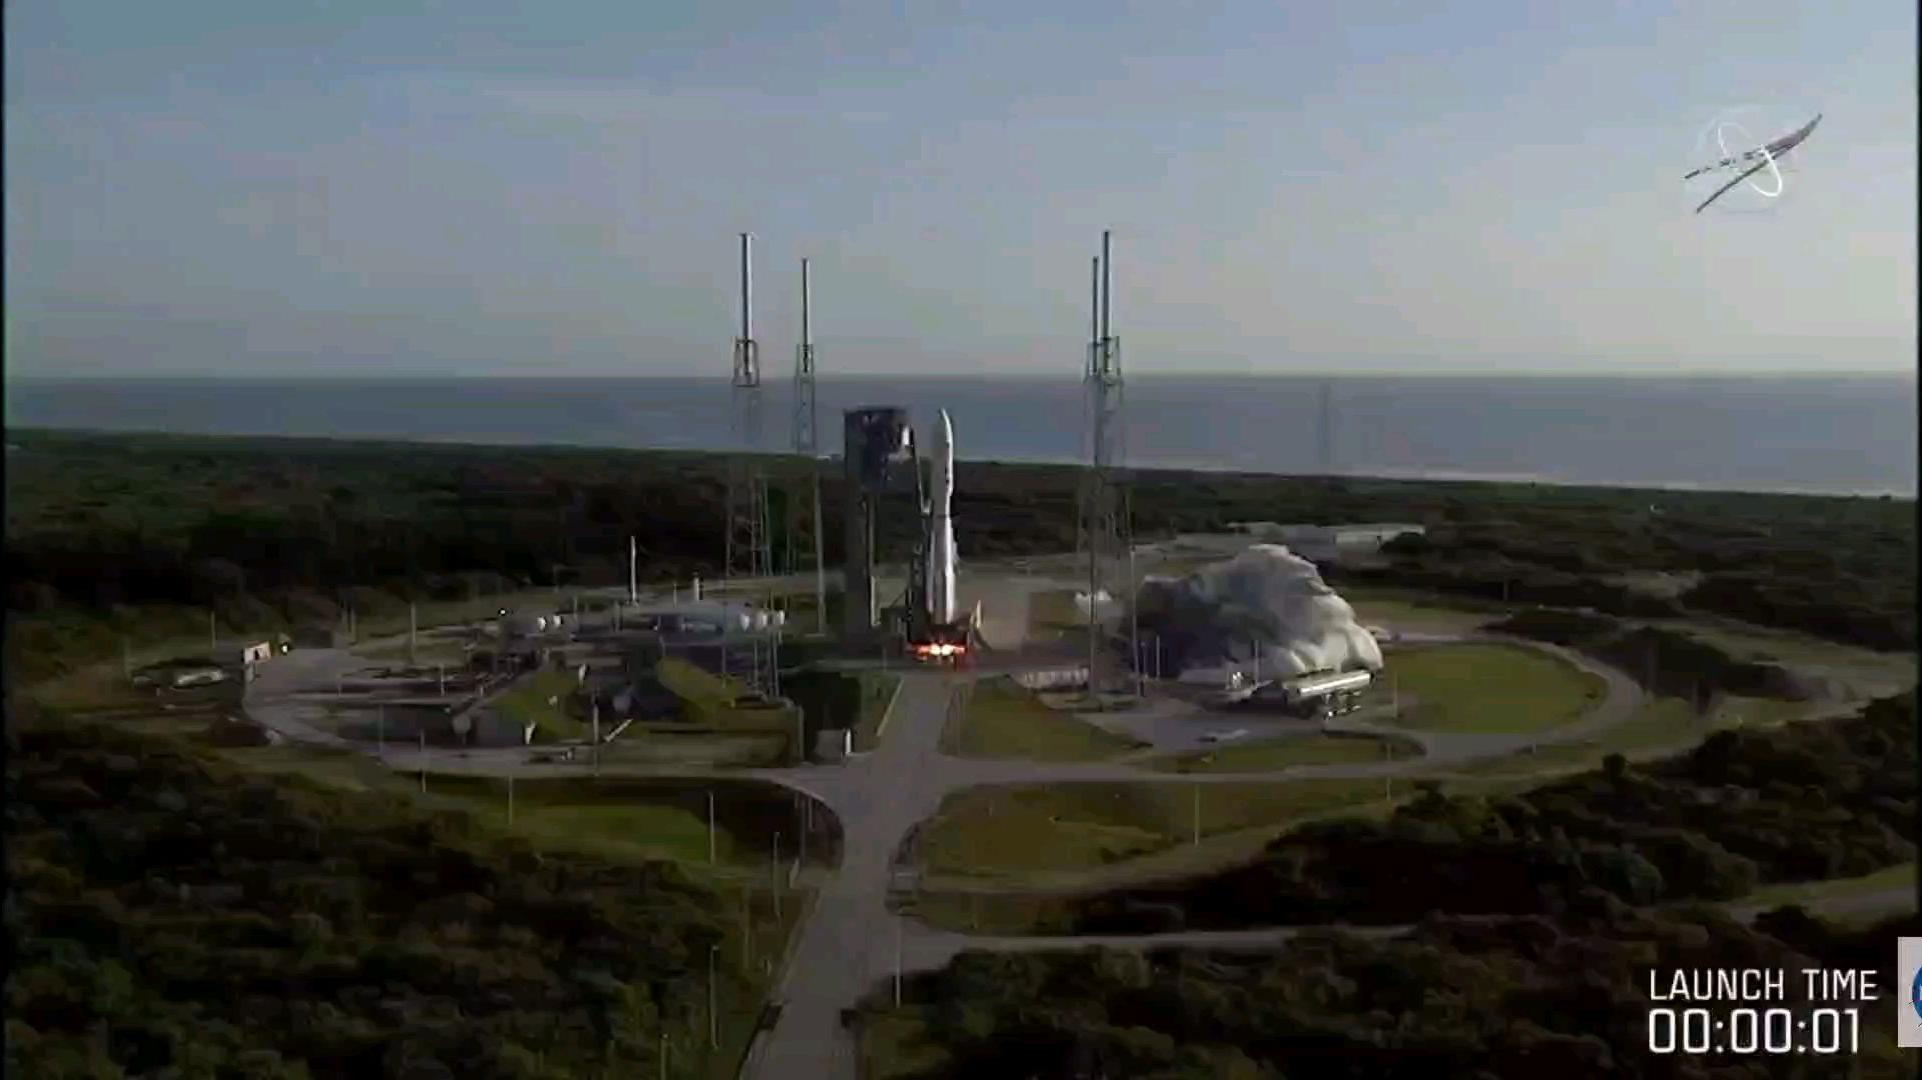 搭载NASA火星探测车毅力号发射全过程